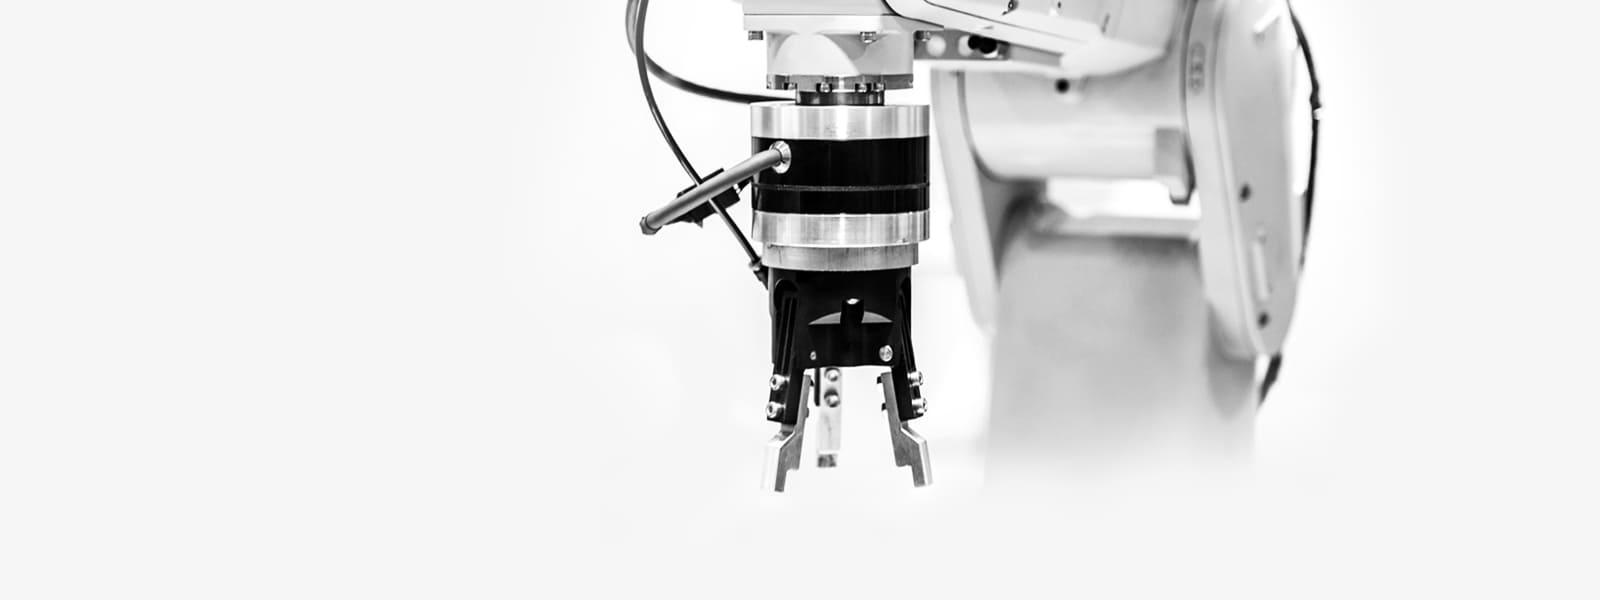 DIKO - automatyka przemysłowa wrocław